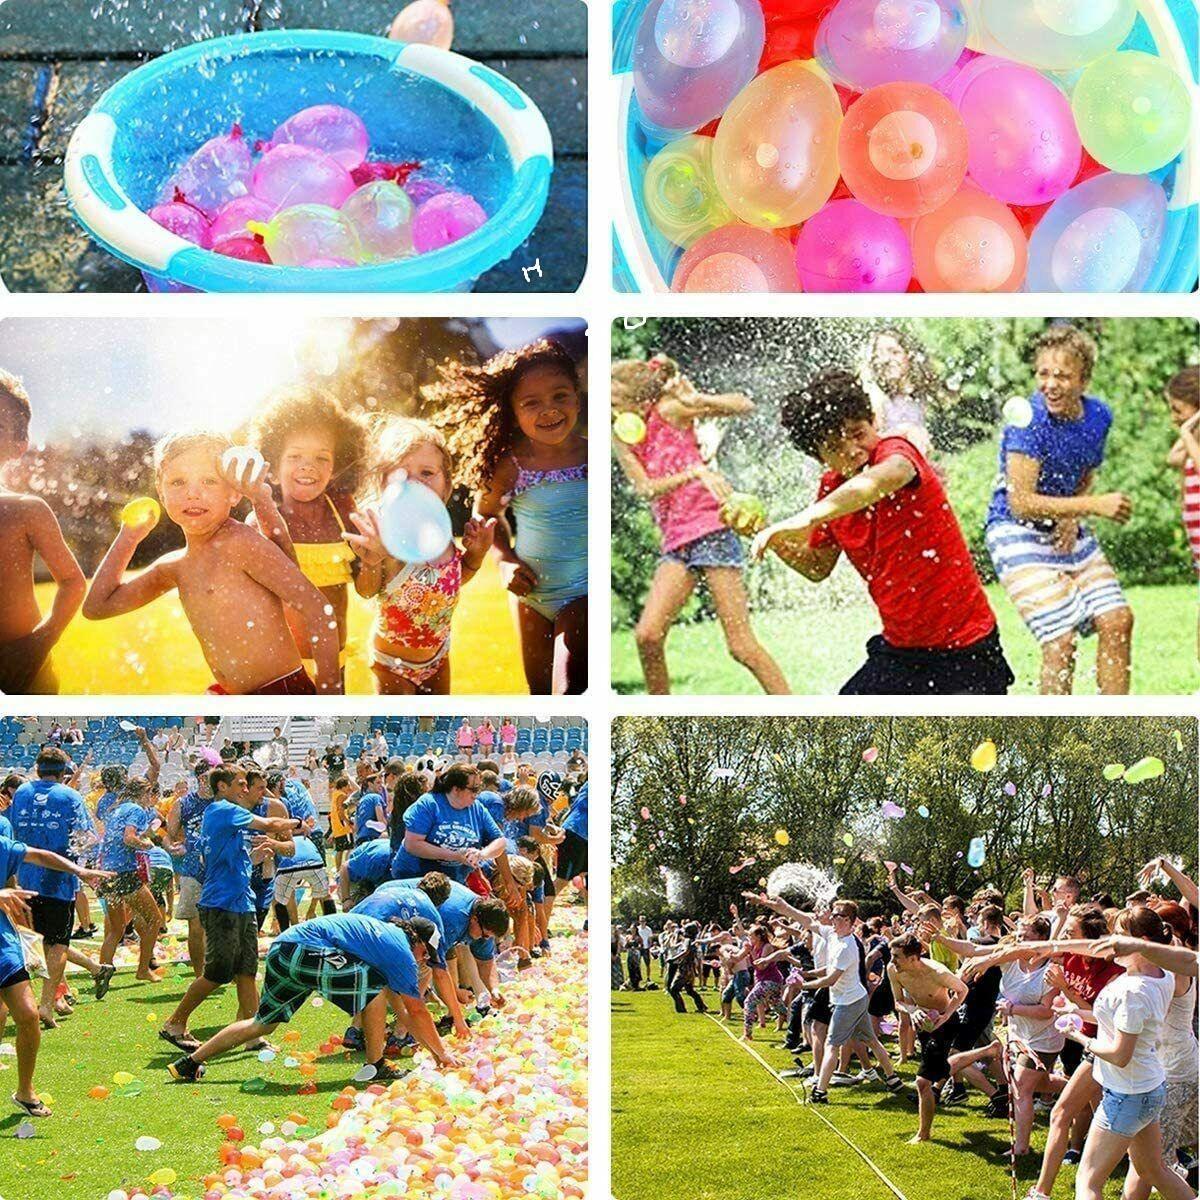 Sihirli su balonu renkli açık su kavgası oyunu parti çocuk oyuncak hediye hem erkek hem de kız